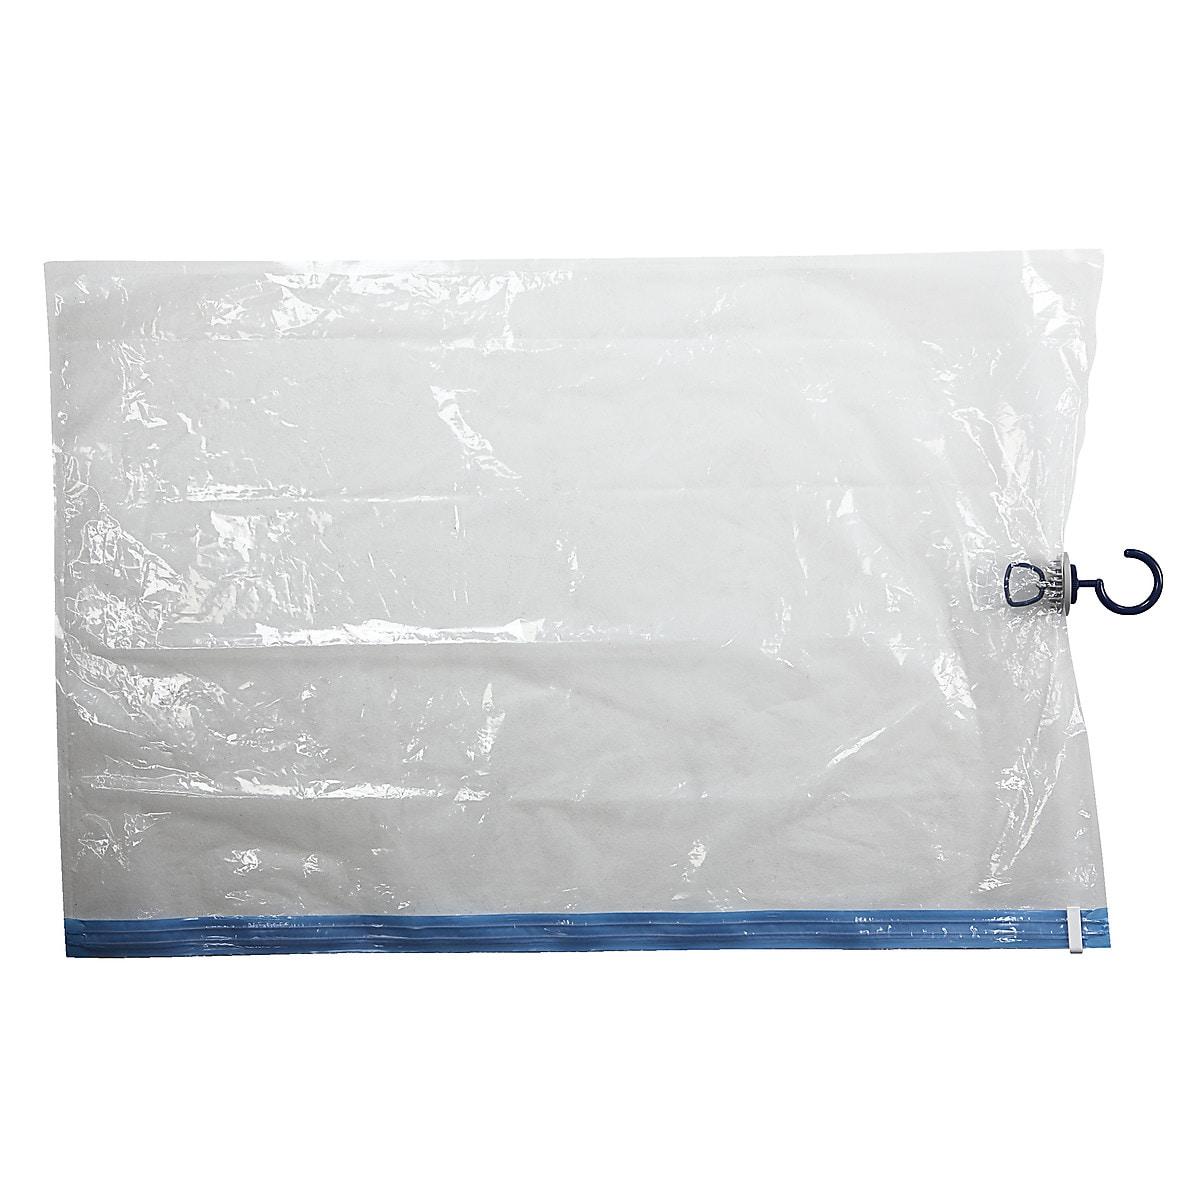 Vakuumposer for klær, 2 stk. | Clas Ohlson